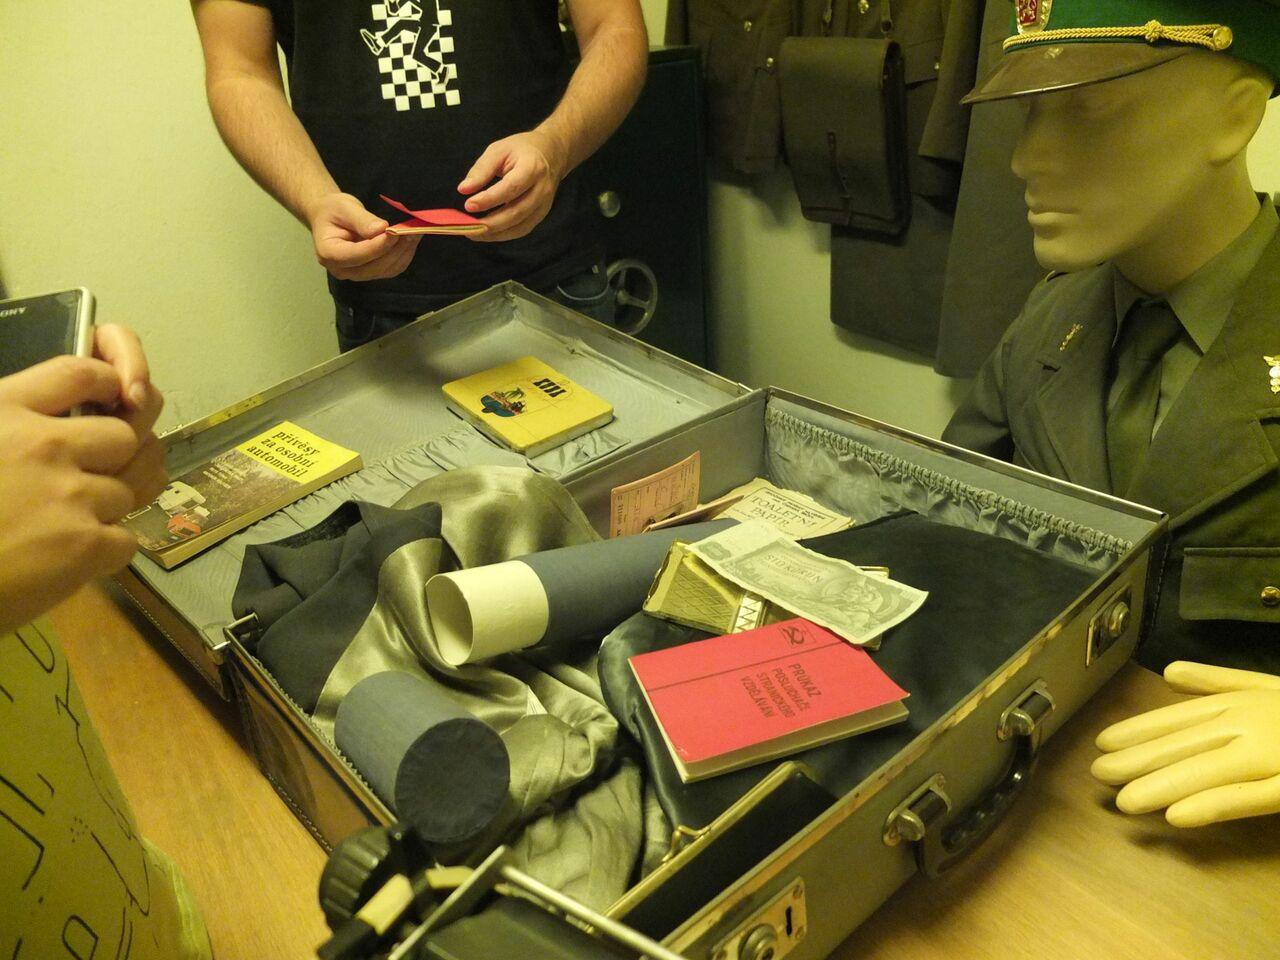 Nachgestellte Grenzkontrolle im Bunker des Hotels Jalta am Prager Wenzelsplatz (Foto: Sabine Stach)